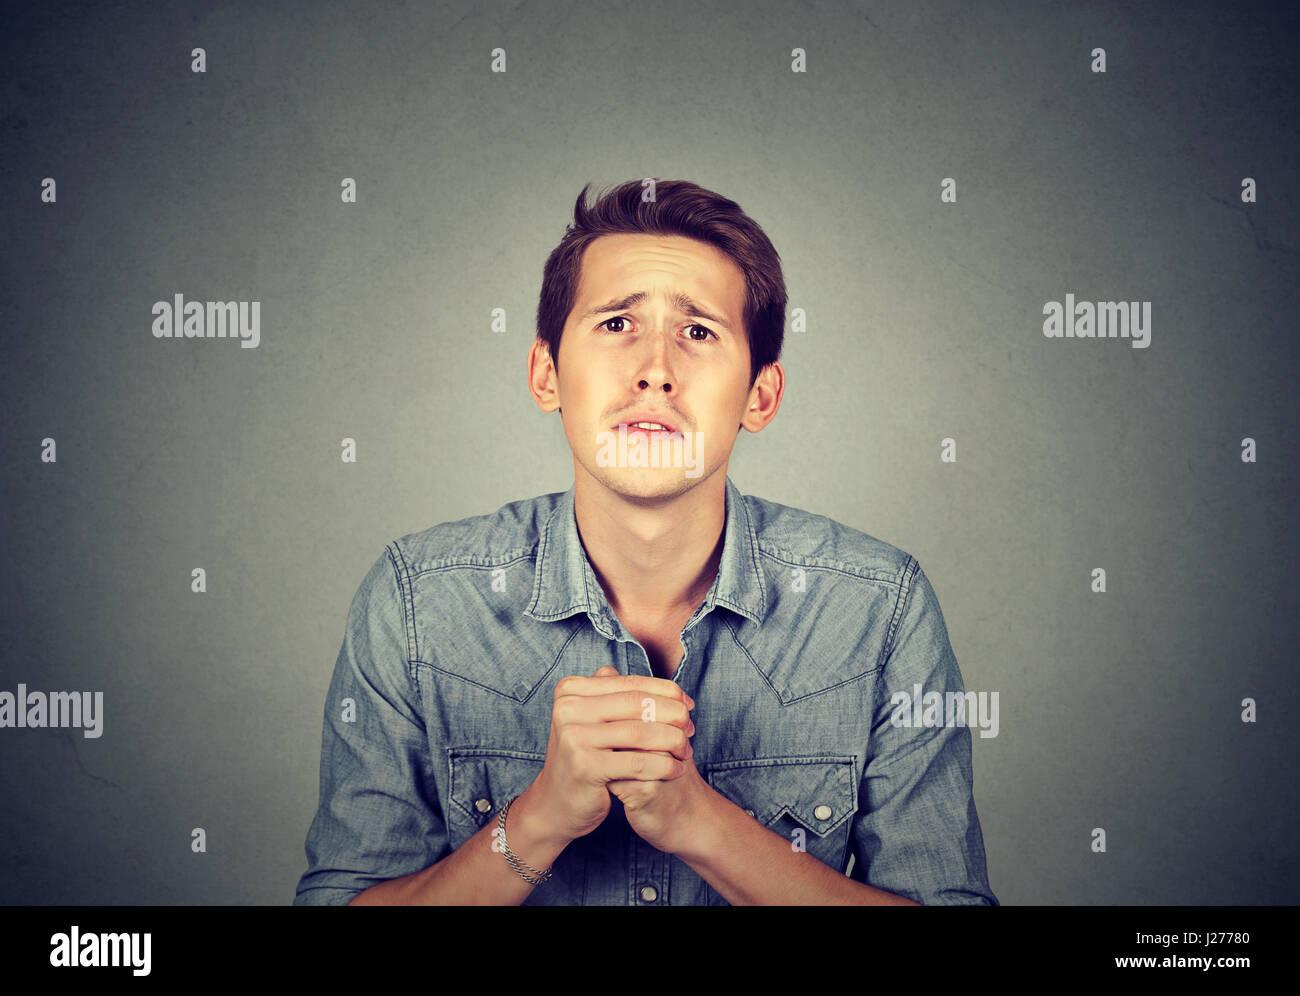 Jeune homme désespéré montrant les mains jointes, veuillez plutôt désolé pour l'erreur Photo Stock